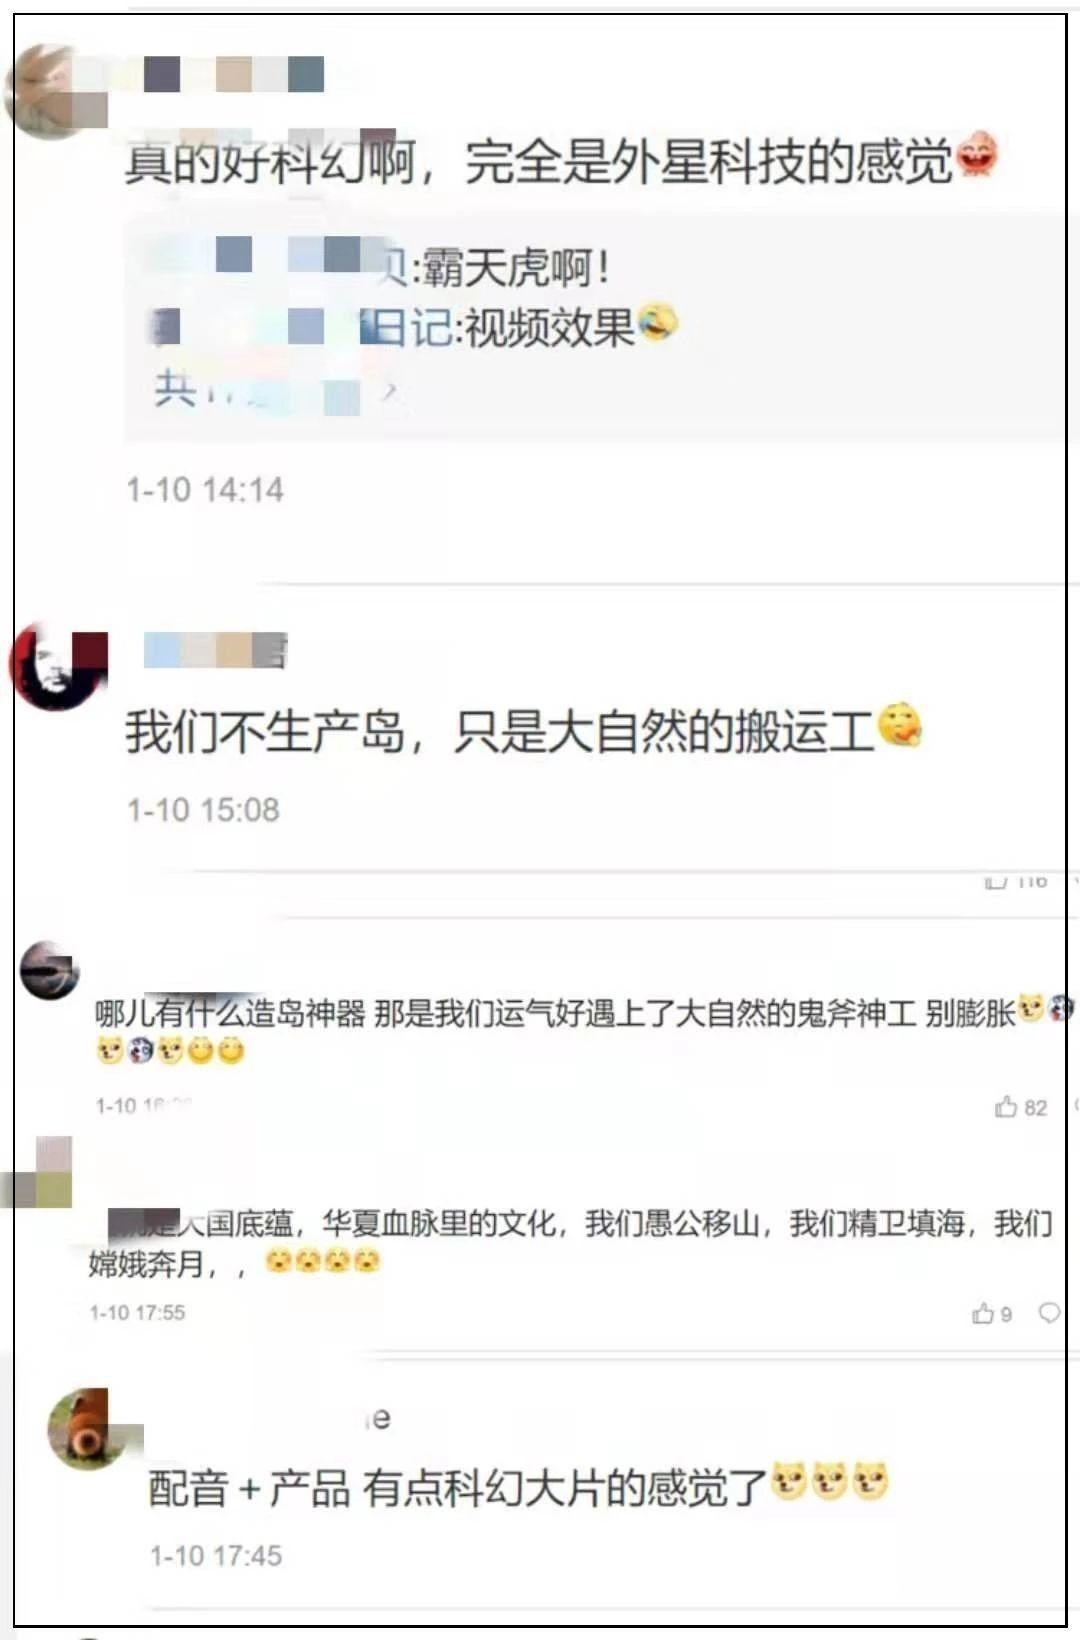 http://www.byrental.cn/tiyu/181051.html